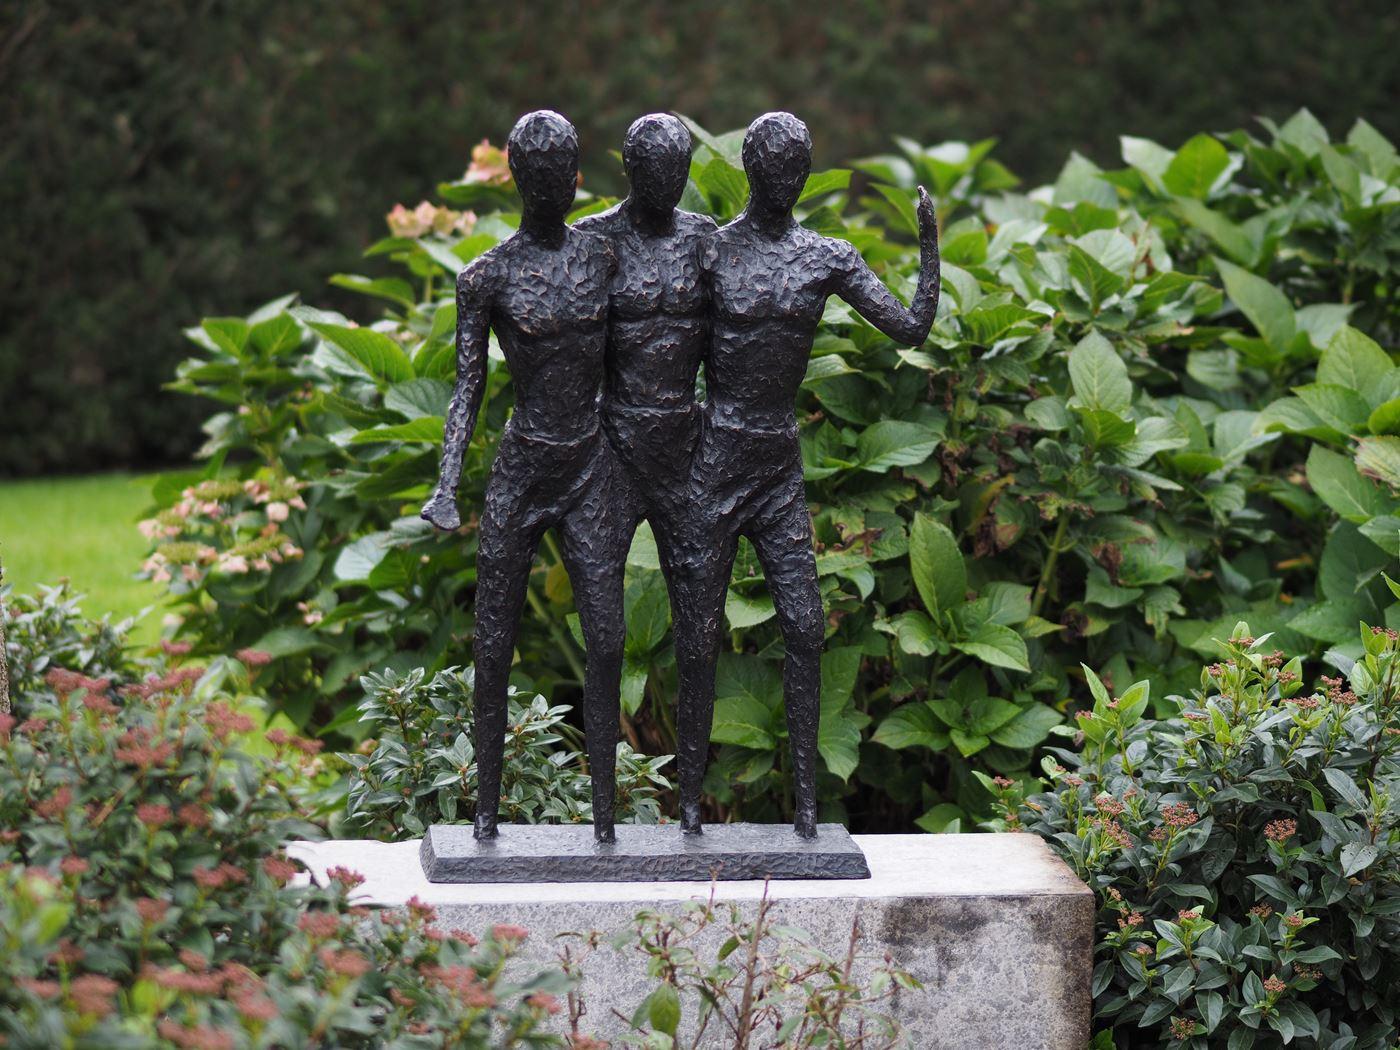 bronzen beeld - 3 mannen modern